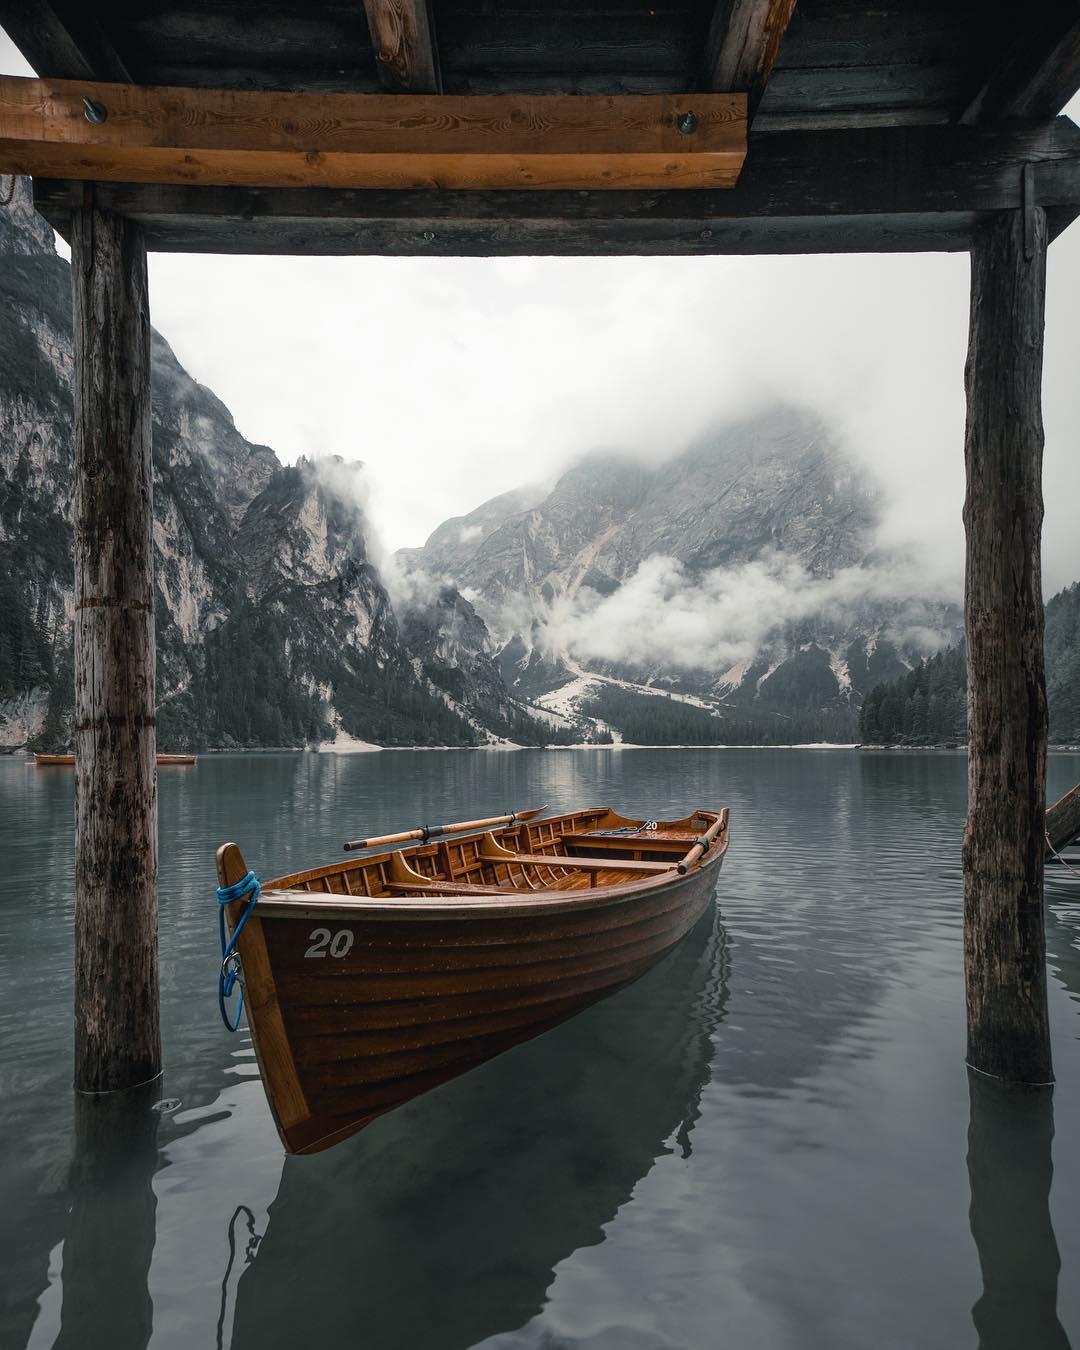 Шикарные пейзажные снимки Криса Н